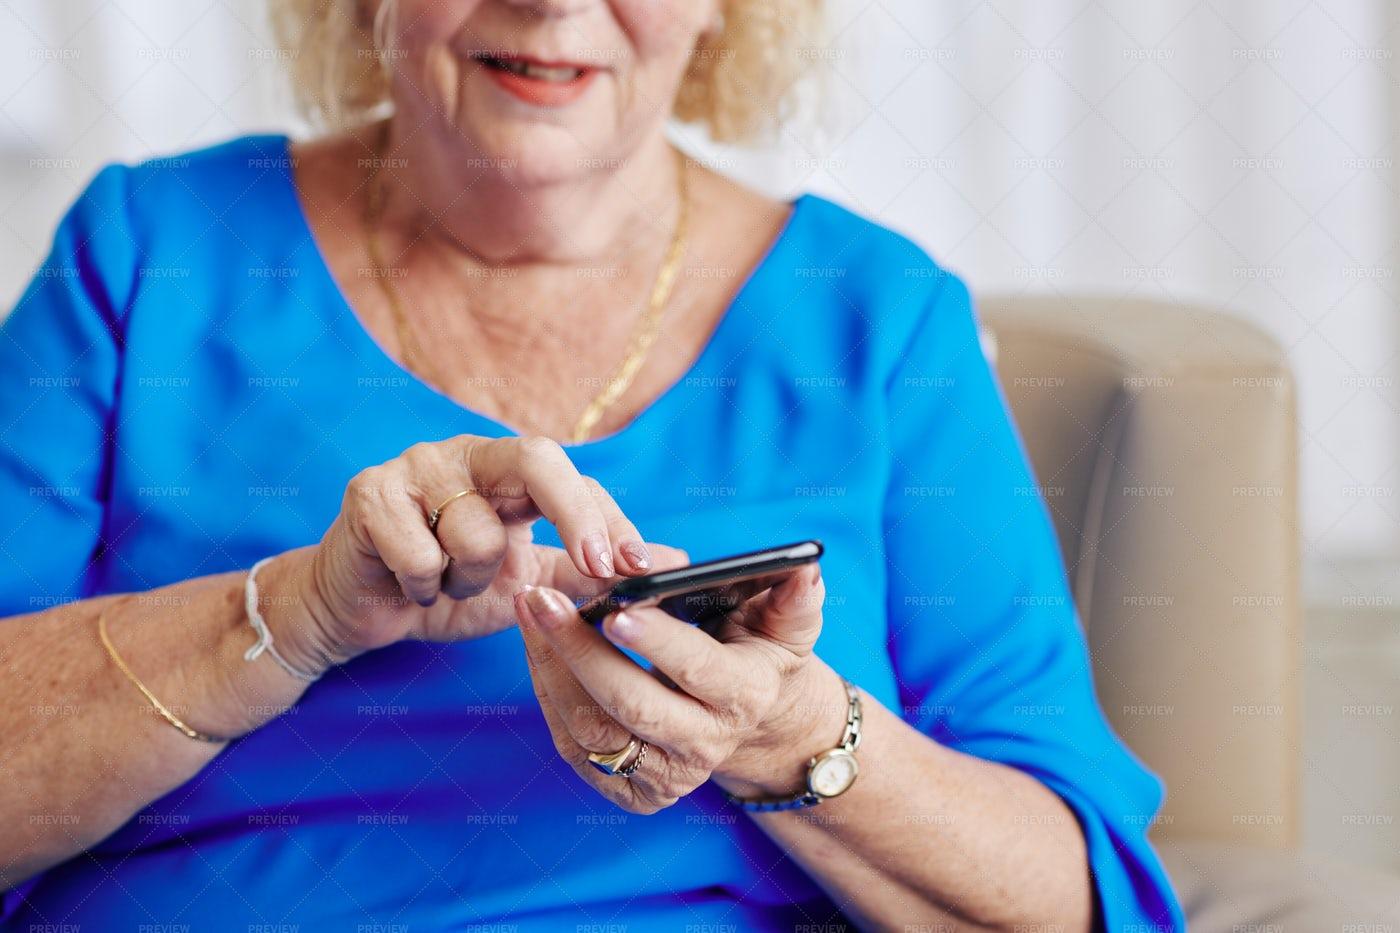 Senior Woman Dialing Phone Number: Stock Photos